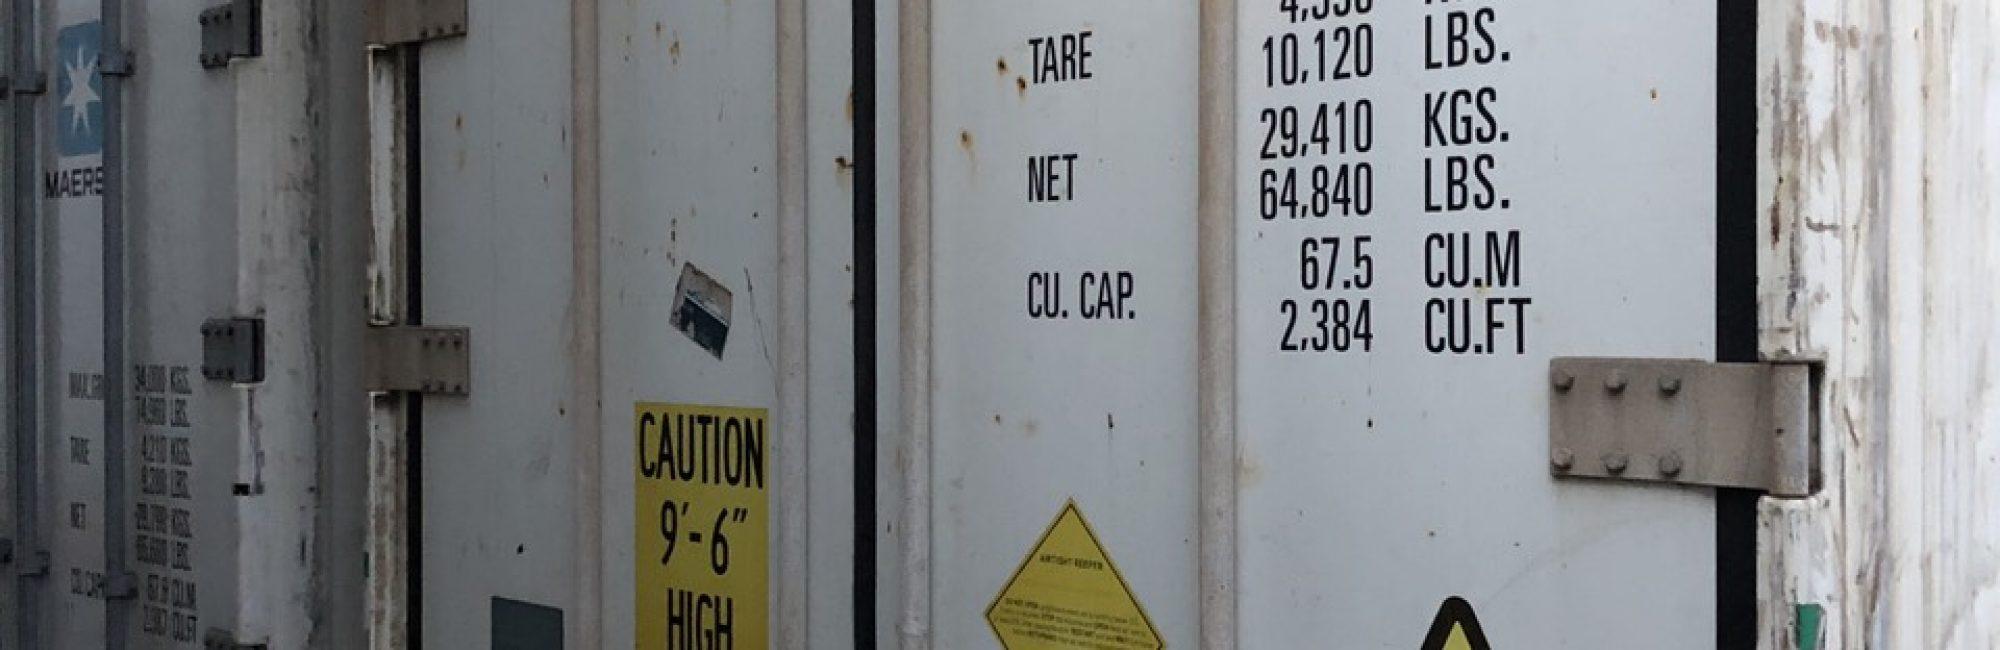 Container hàng thịt đông lạnh nhập khẩu tại cảng cát lái